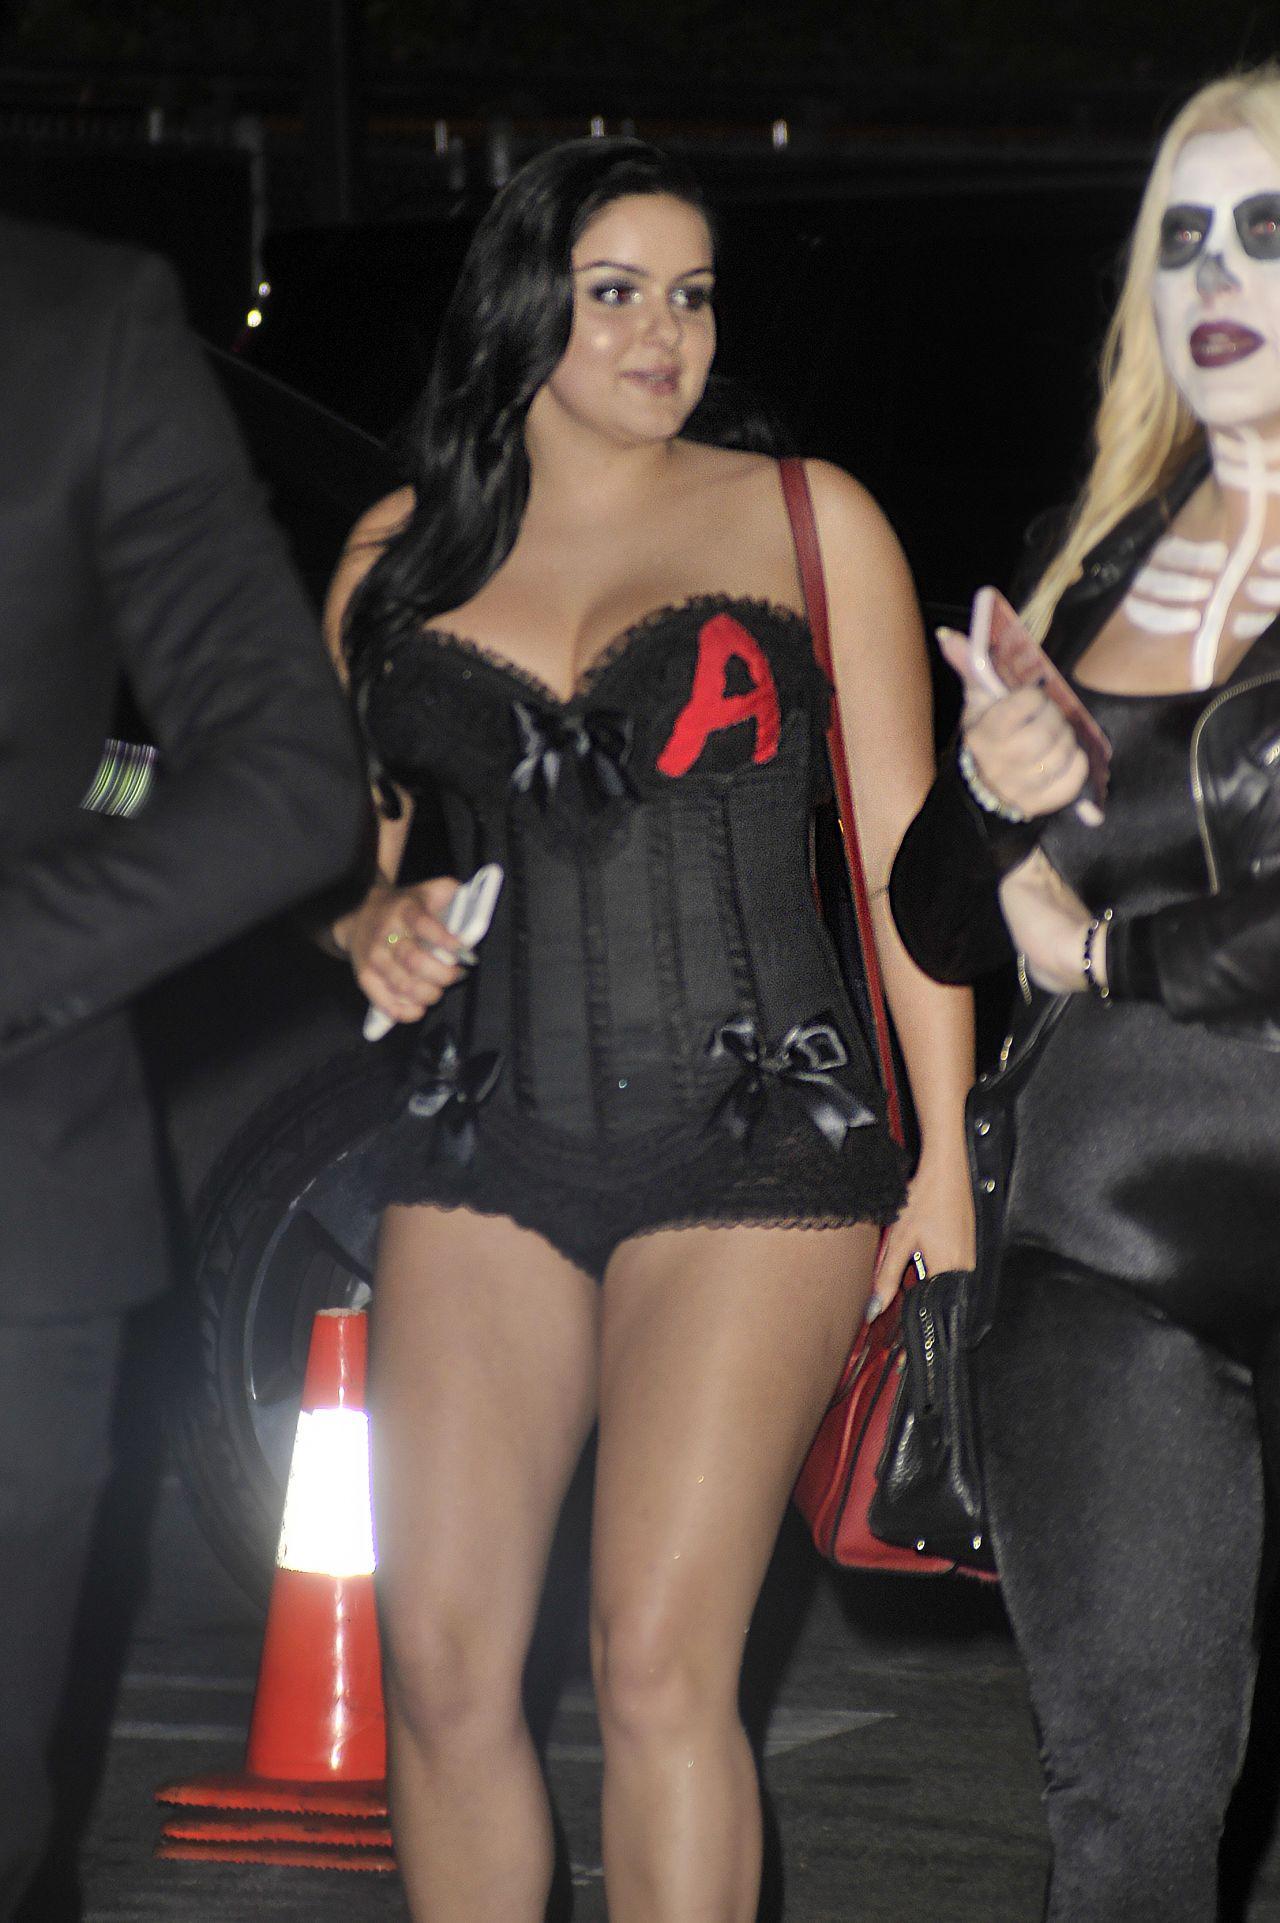 Ariel Winter 2020 Halloween Costume Ariel Winter Wears a Skimpy Costume   Halloween Party in Los